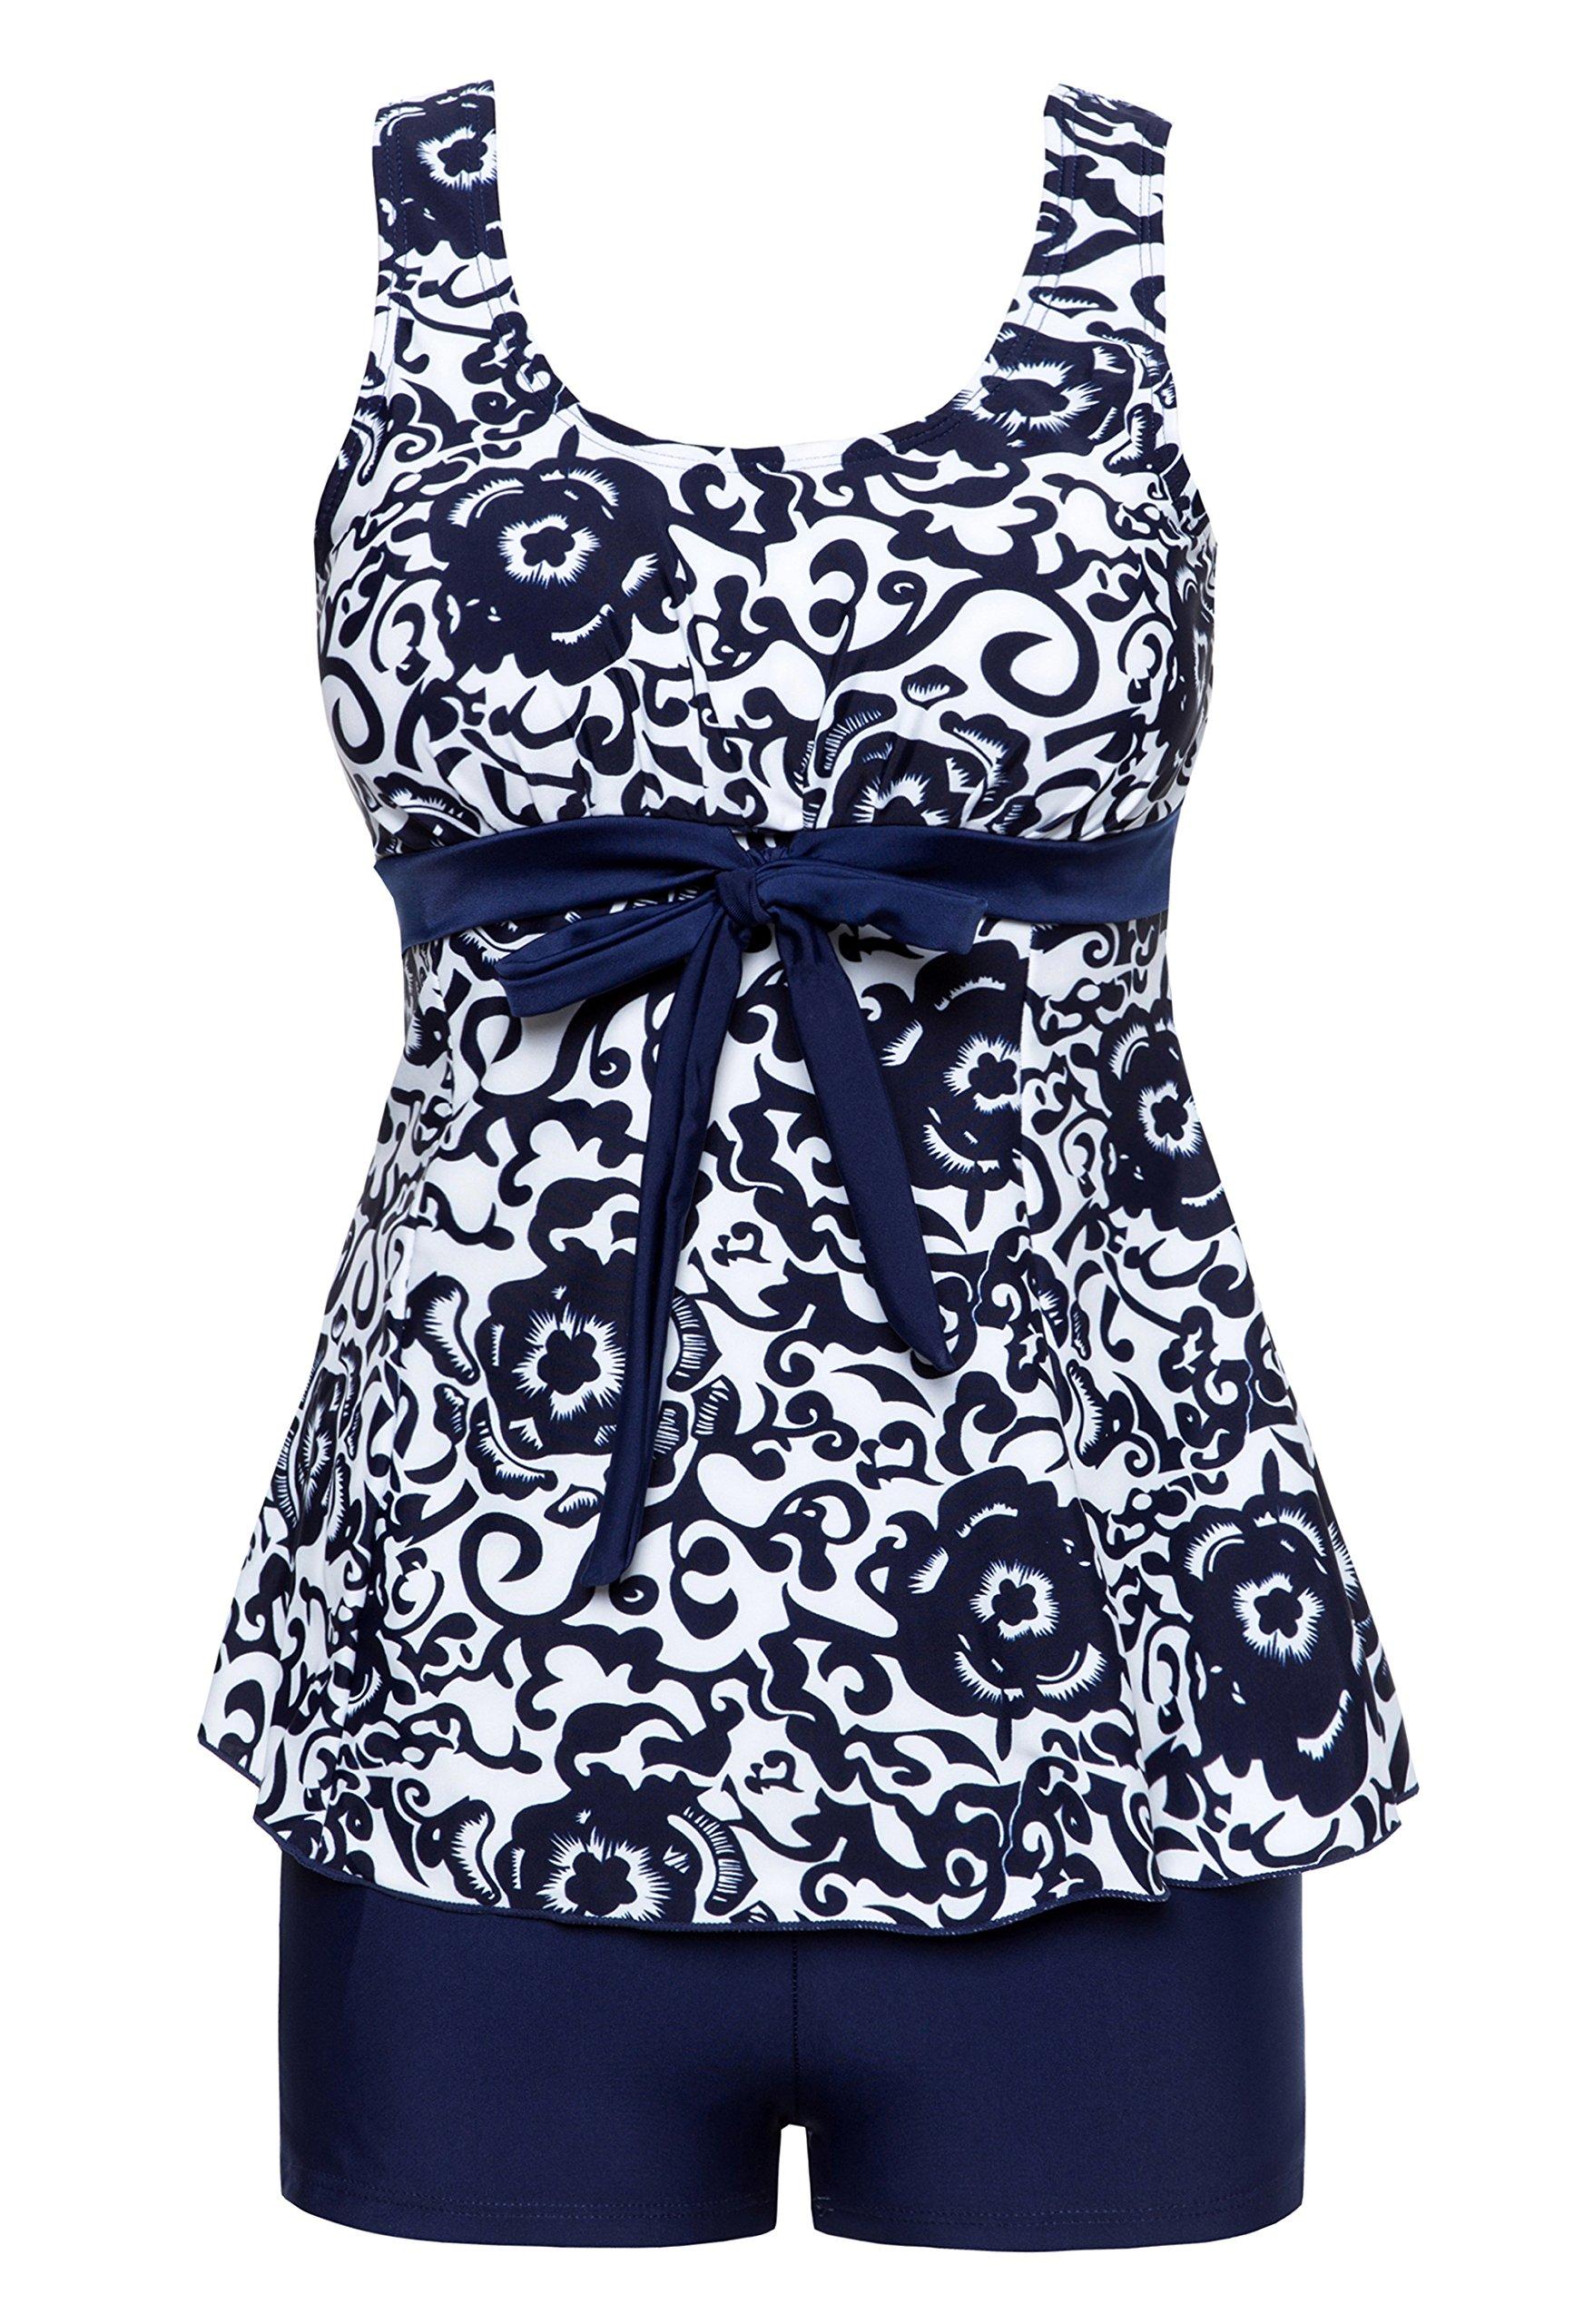 Wantdo Women's Summer Style Swimwear Swimsuit Tankini Cute Big Bust Dress Navy Porcelain US 8-10